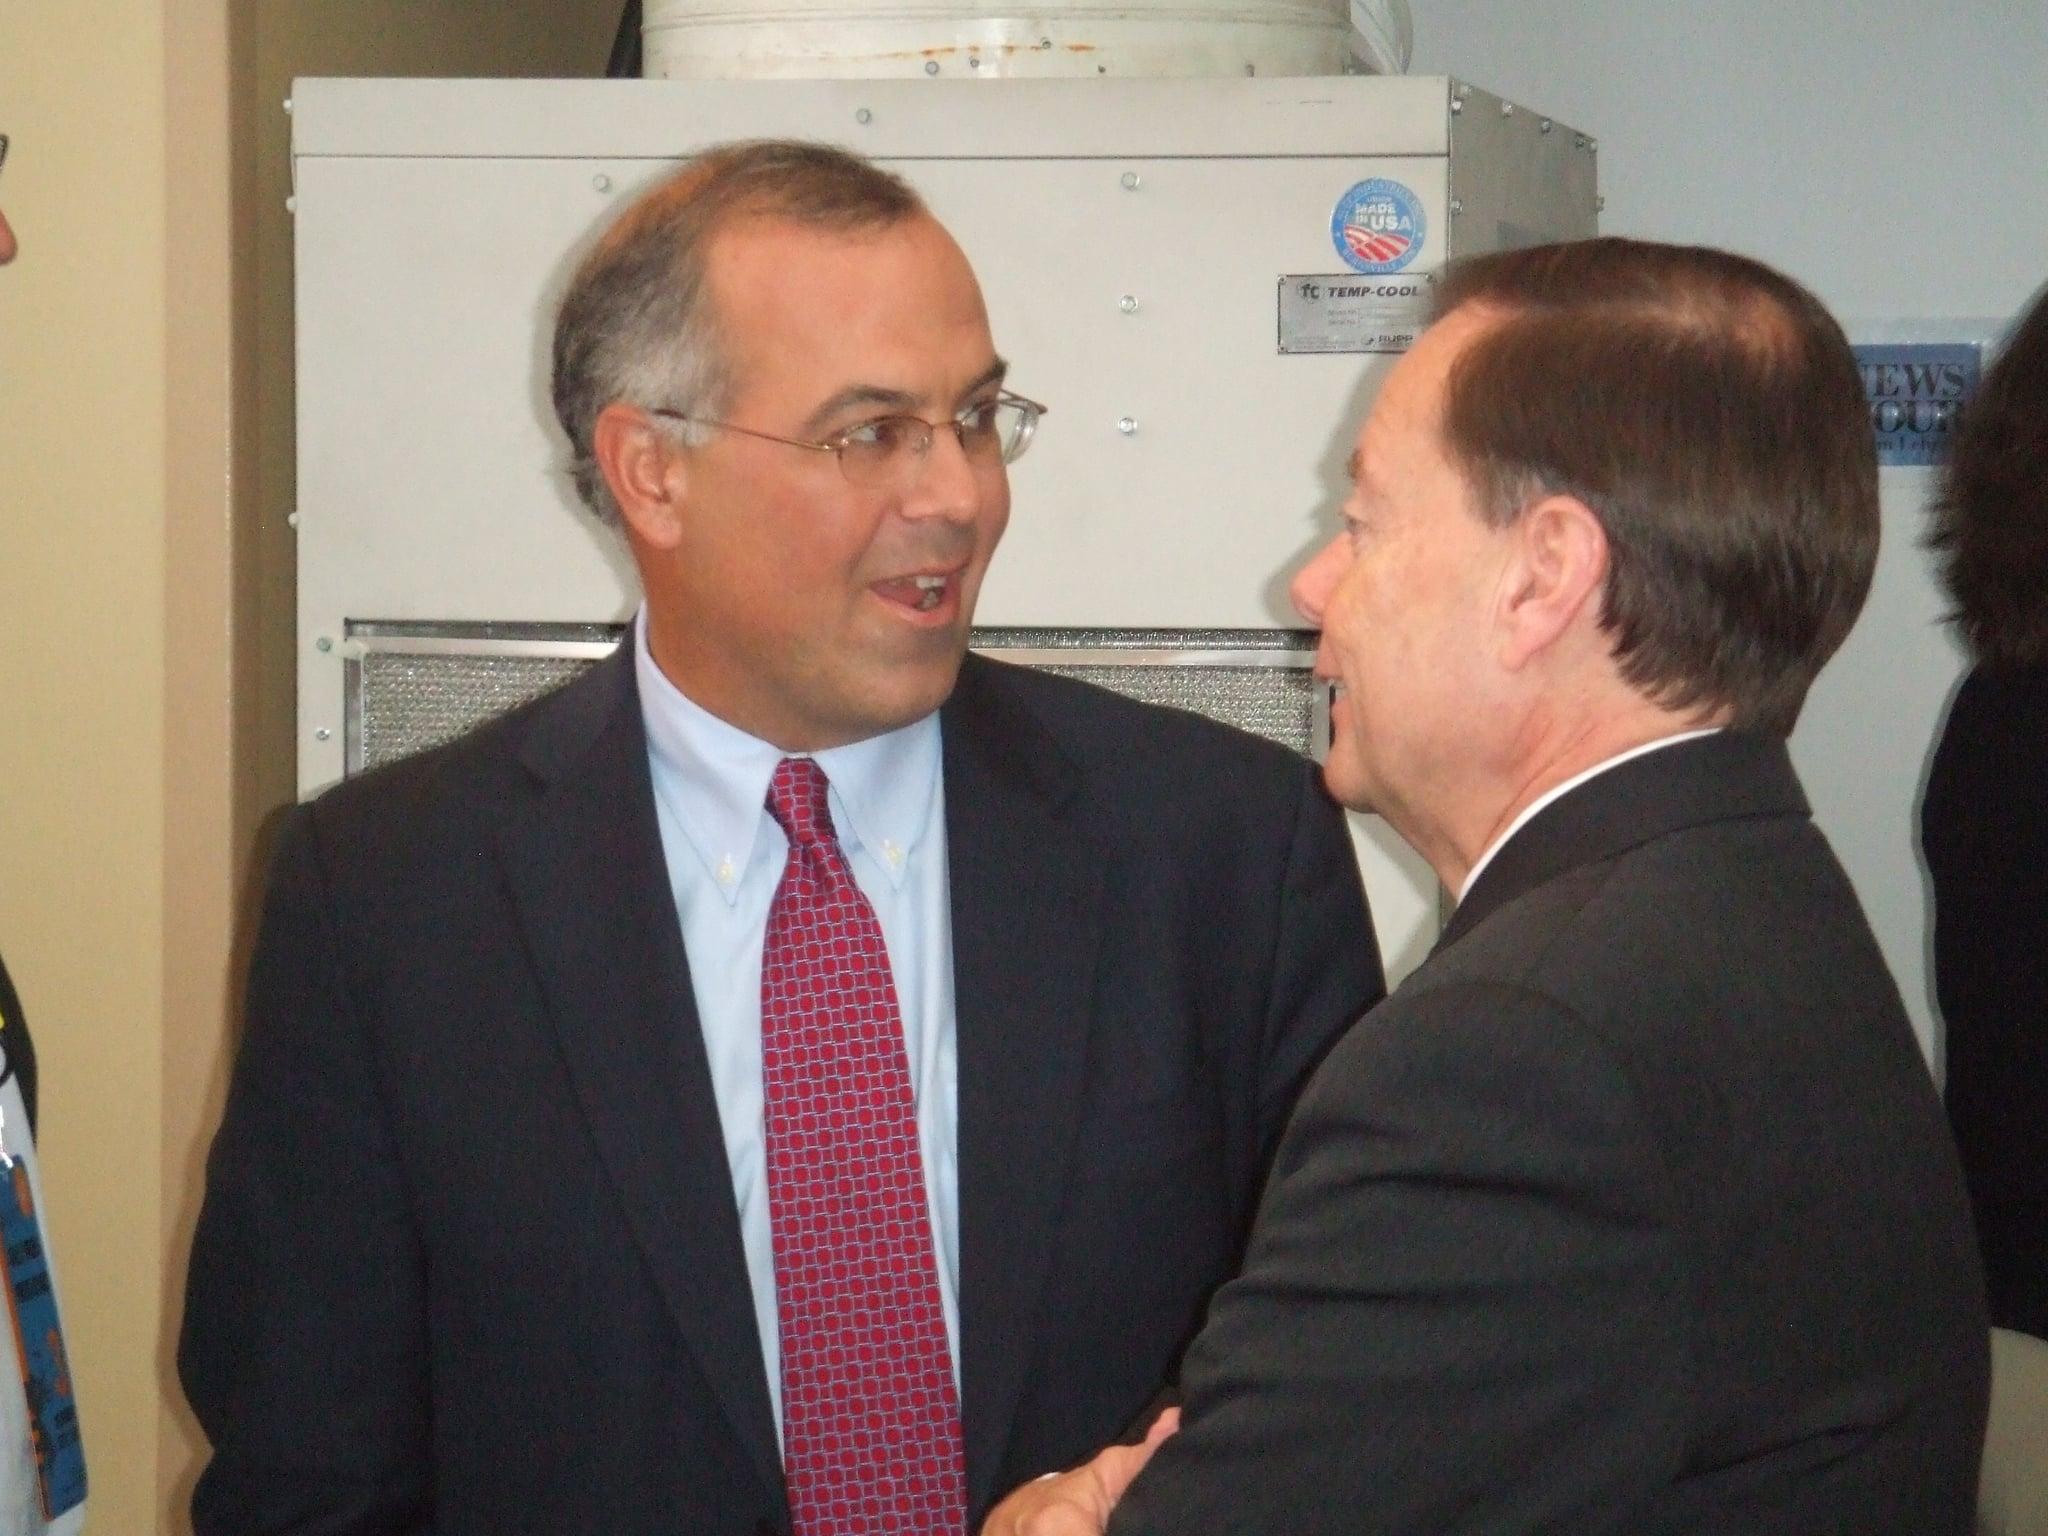 David Brooks and Gary Bauer.